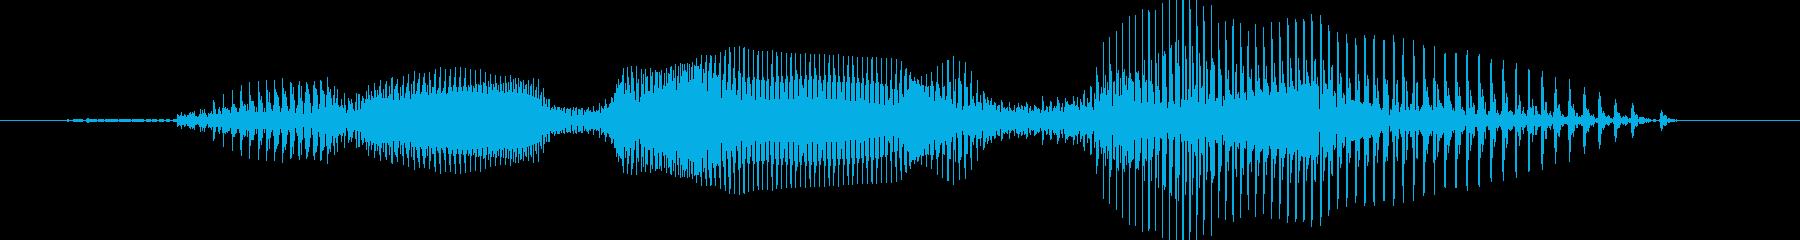 働く車 - ブルドーザーの再生済みの波形